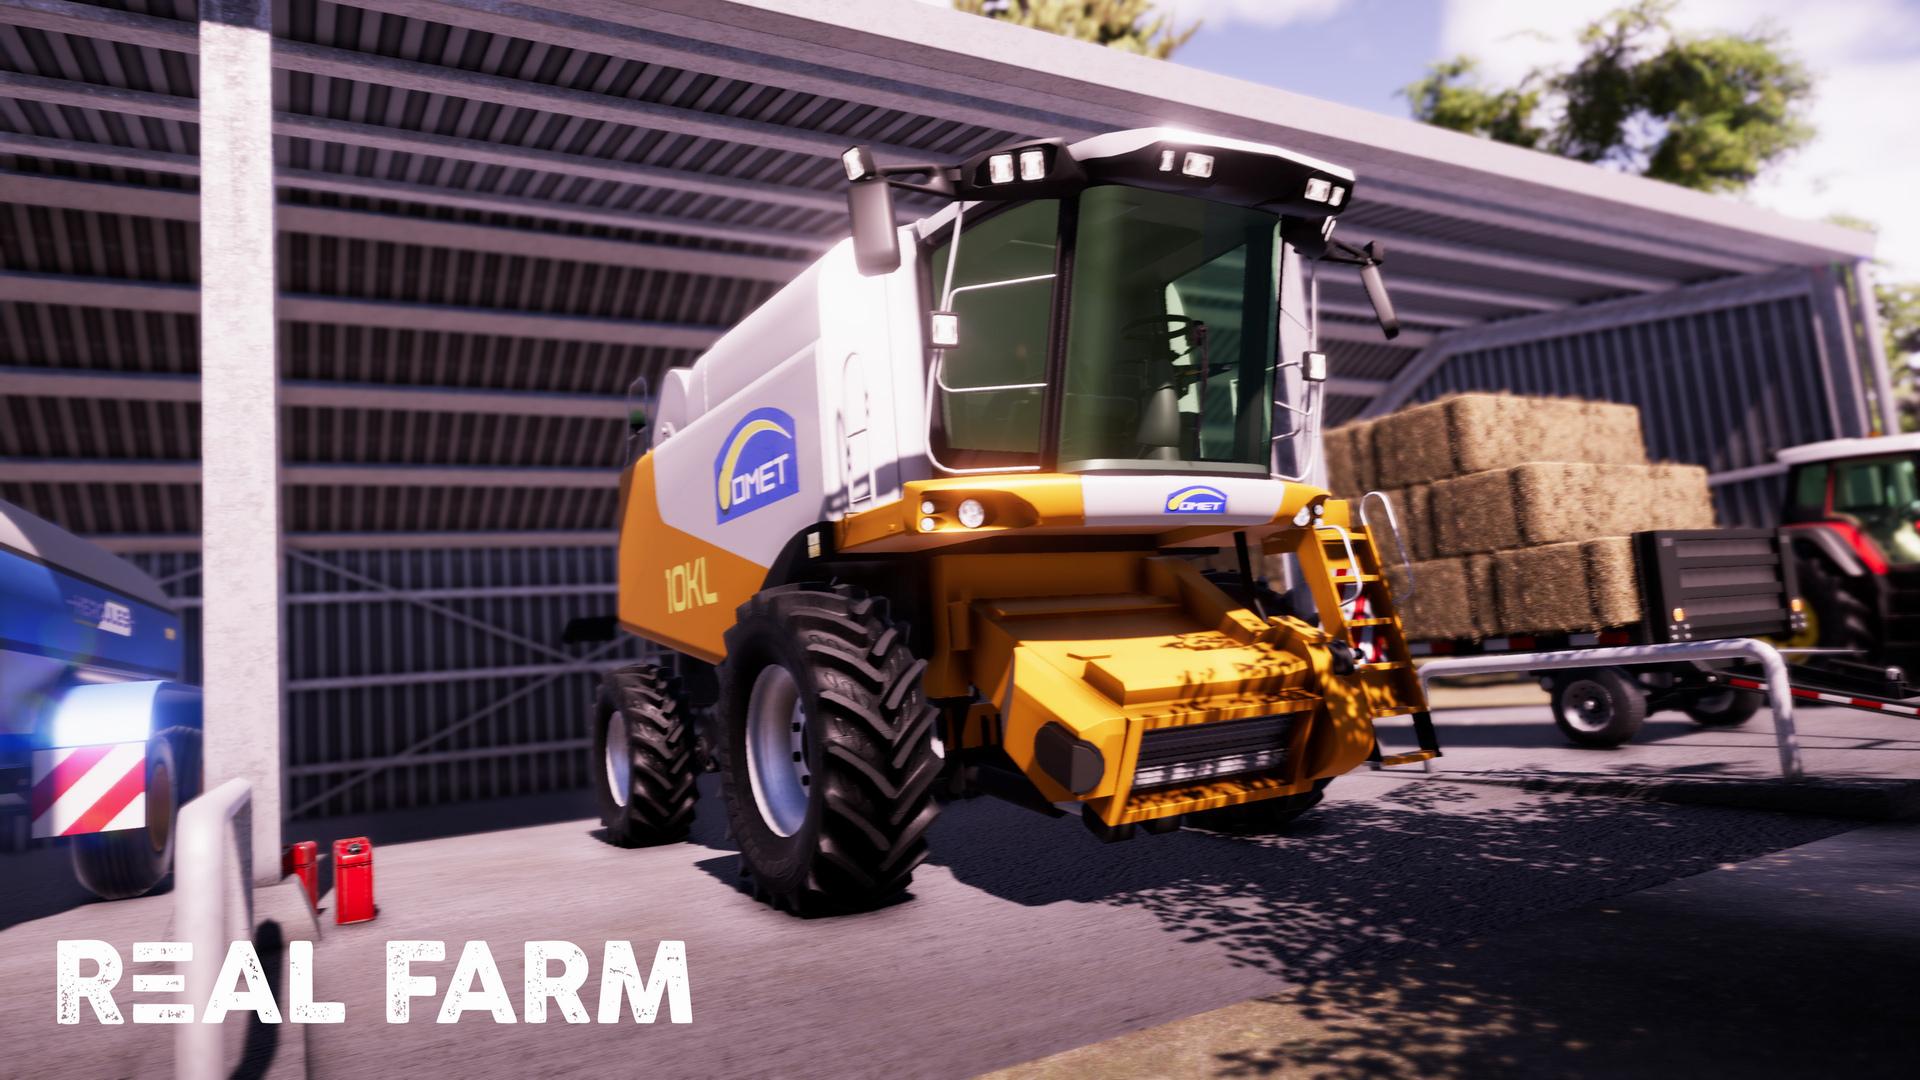 Výzva na venkově v Real Farm 149643